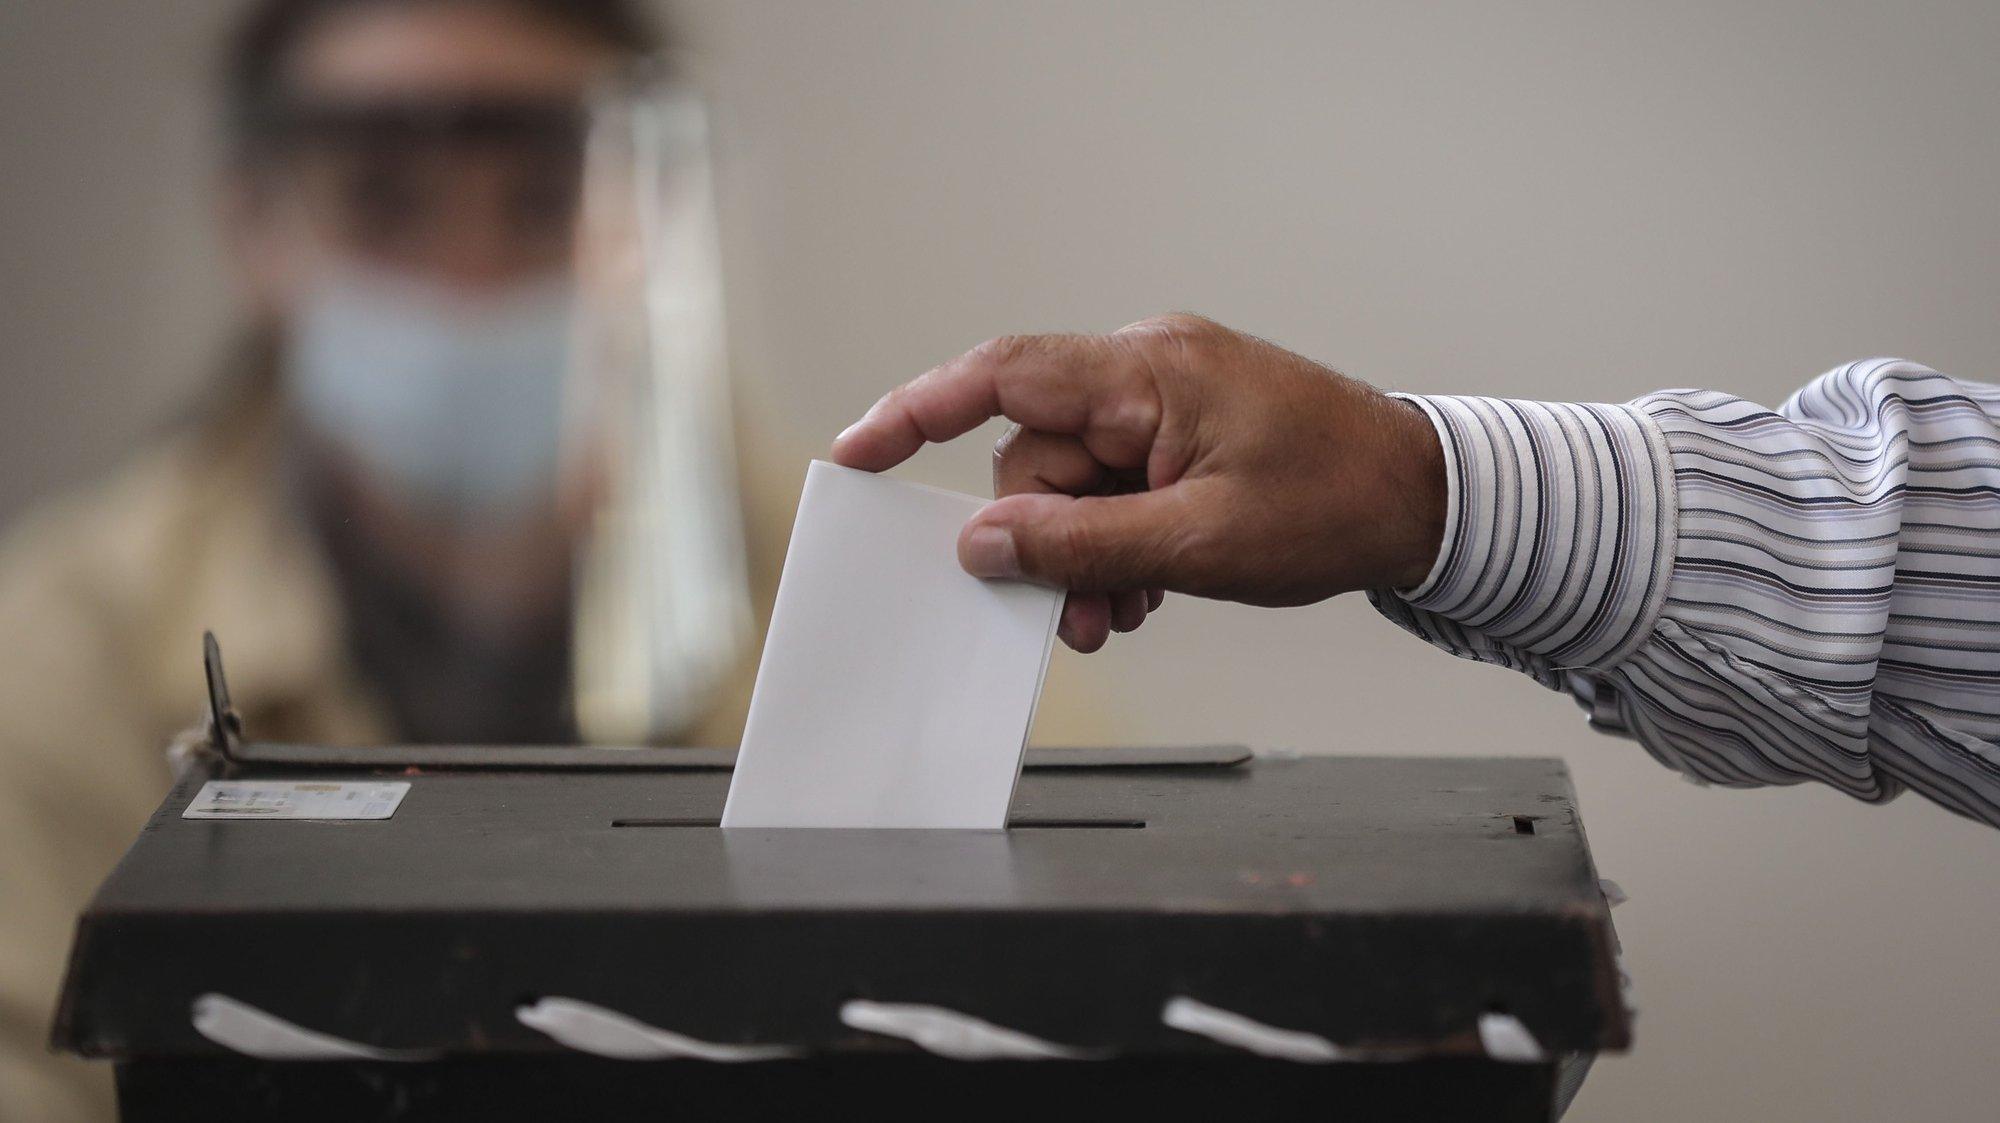 Um açoriano exerce o seu direito de voto durante as eleições legislativas da Região Autónoma dos Açores, em Ponta Delgada, Ilha de São Miguel, Açores, 25 de outubro de 2016. As eleições legislativas regionais dos Açores realizam-se hoje, com  228.999 eleitores inscritos. No total, 13 forças políticas concorrem aos 57 lugares da Assembleia Legislativa Regional. ANDRÉ KOSTERS/LUSA